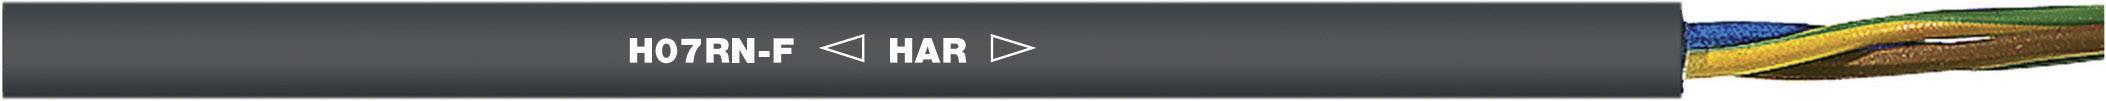 Připojovací kabel H07RN-F 3 G 6 mm² černá LAPP 1600120 metrové zboží